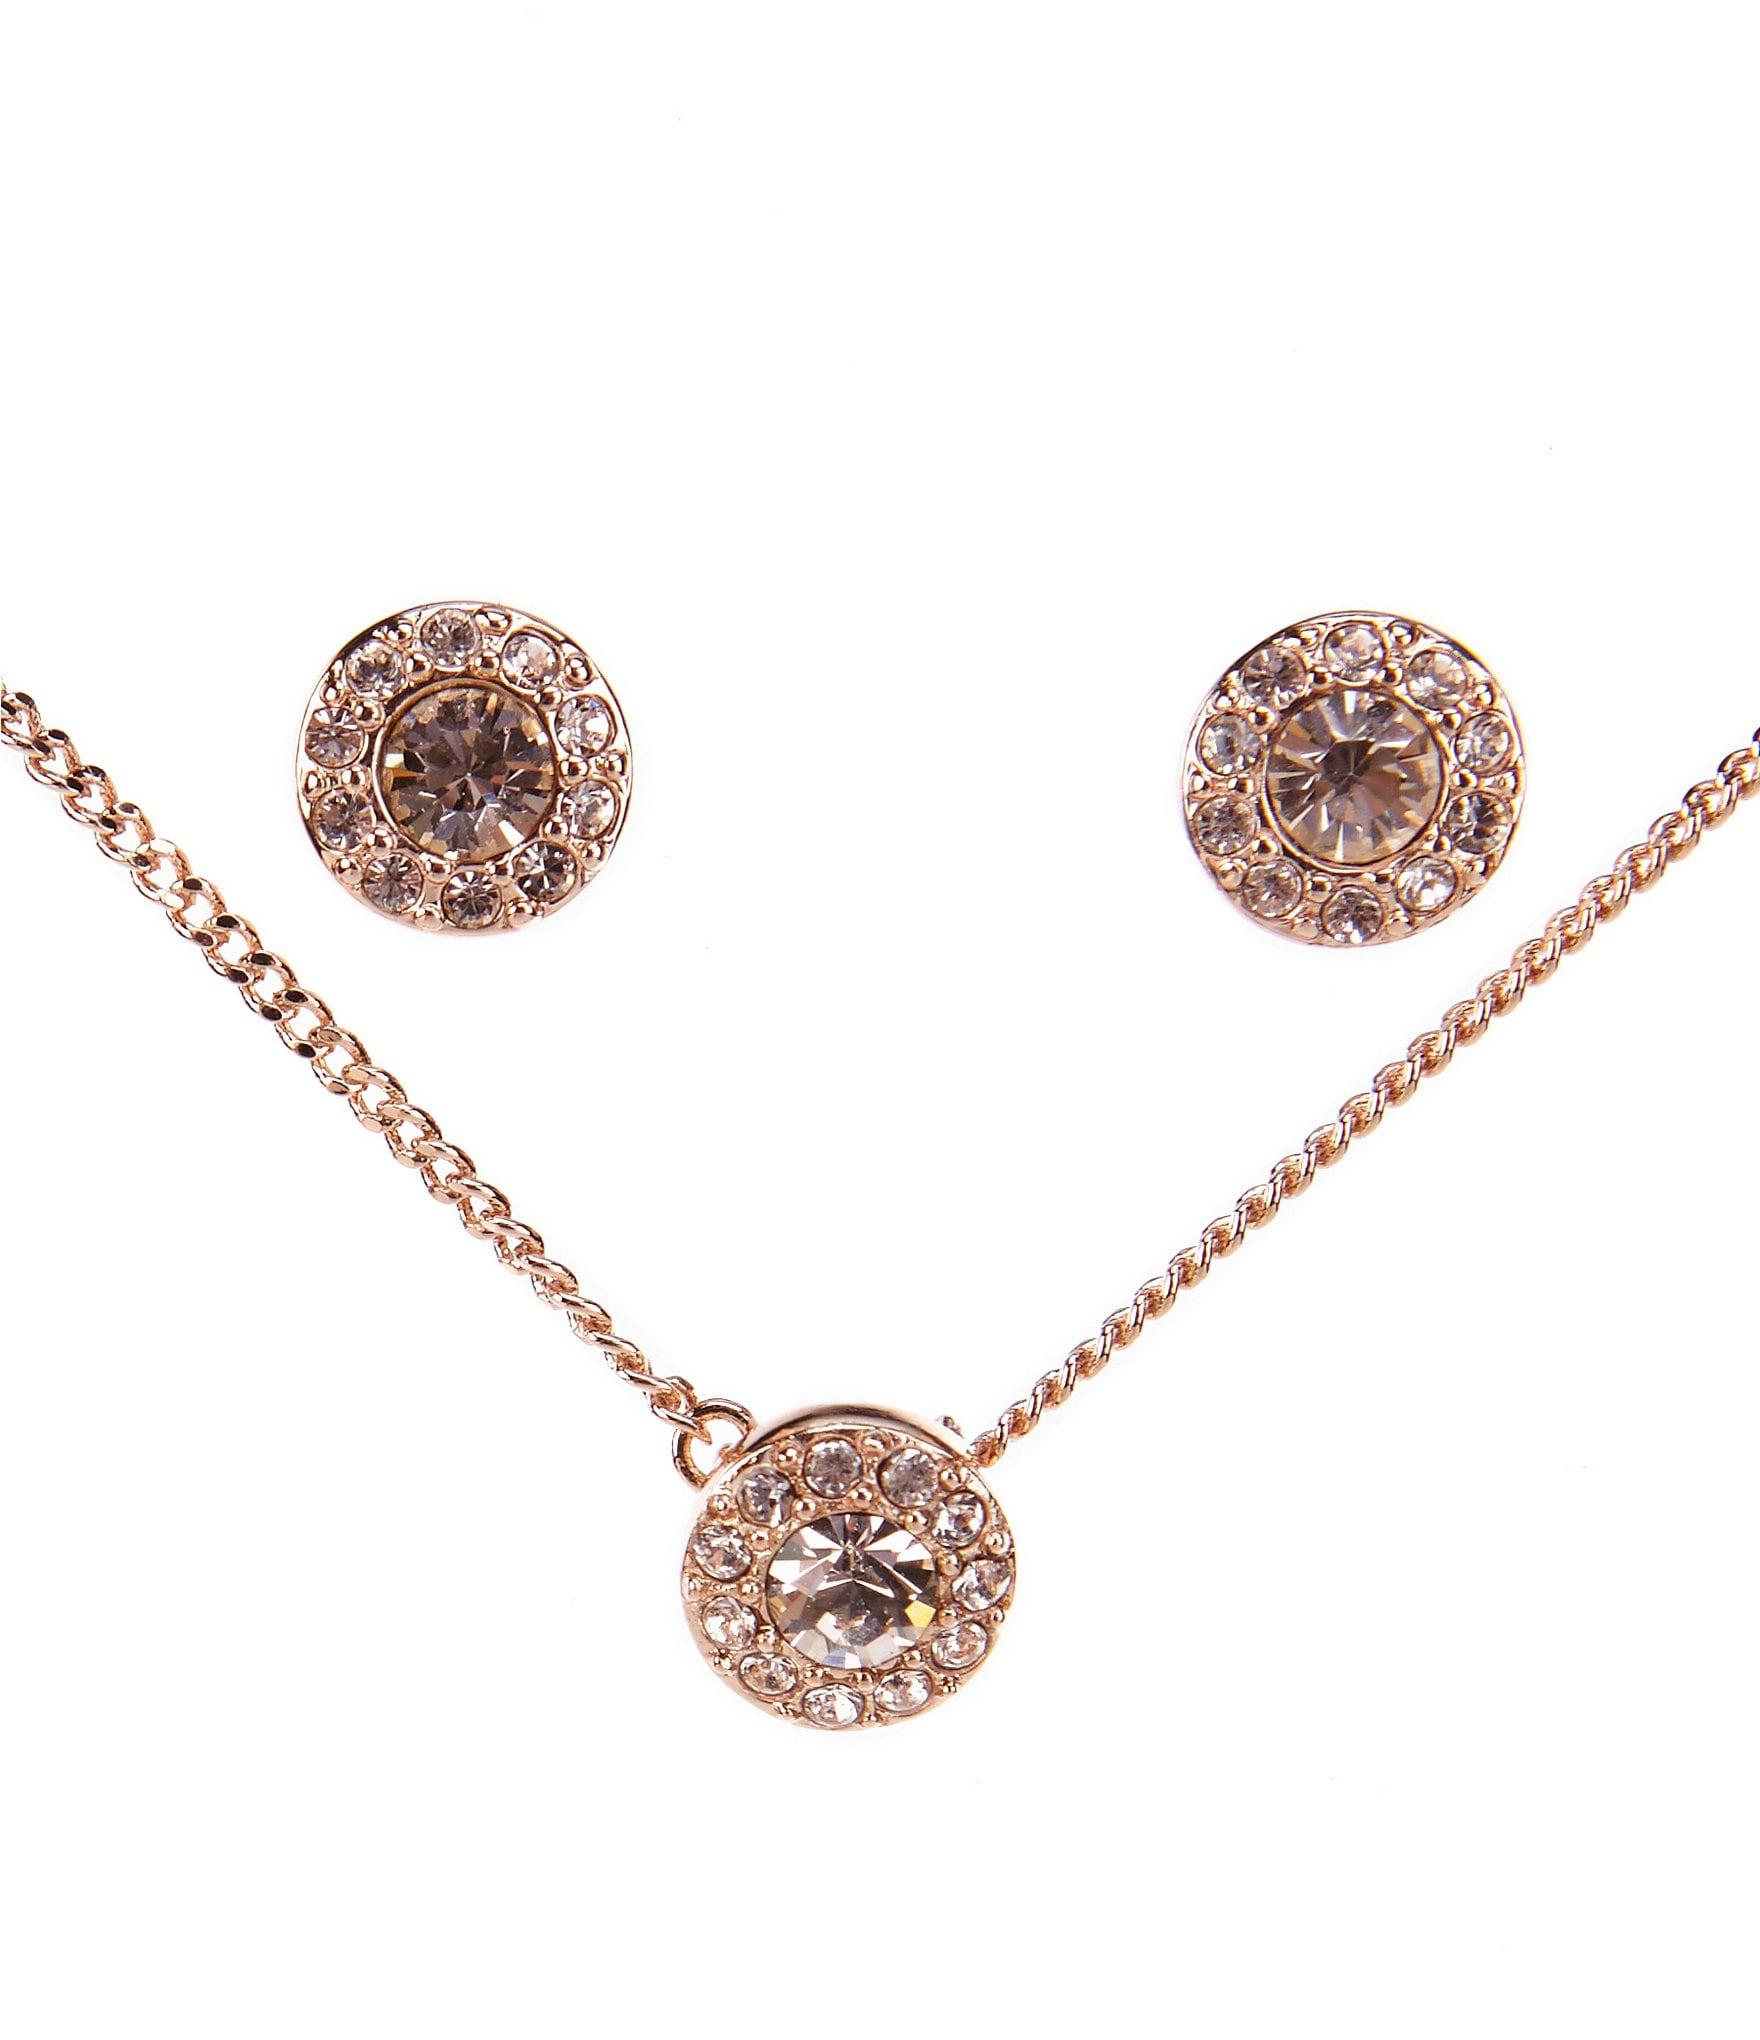 givenchy rose gold pav necklace earrings set dillards. Black Bedroom Furniture Sets. Home Design Ideas